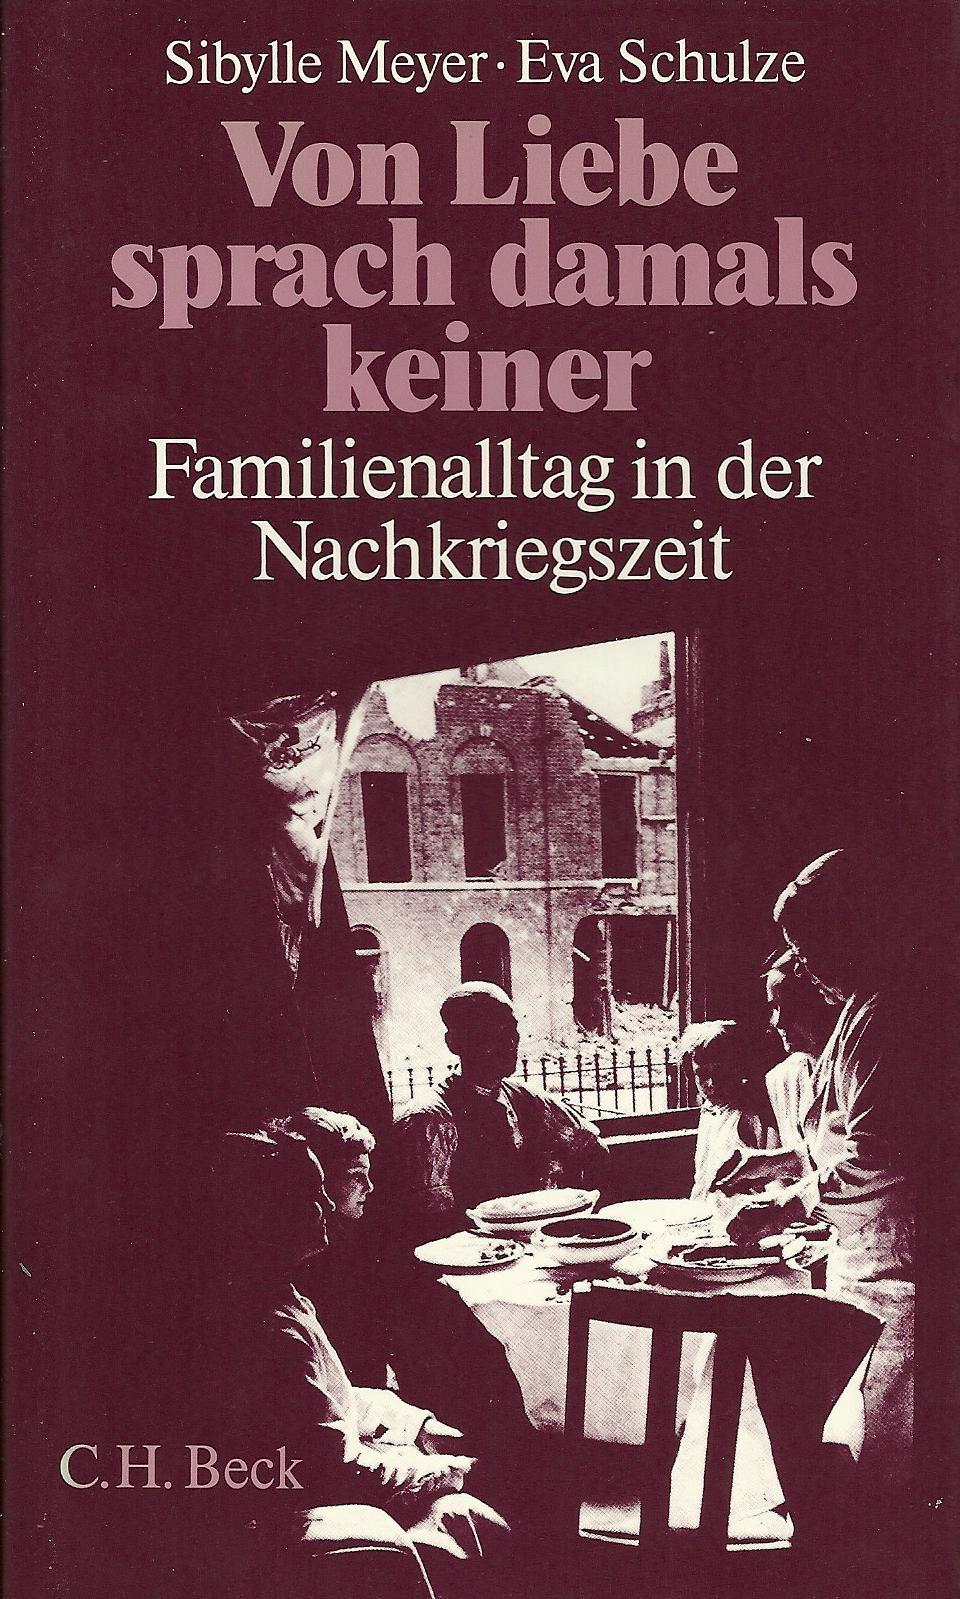 Von Liebe sprach damals keiner. Familienalltag in der Nachkriegszeit